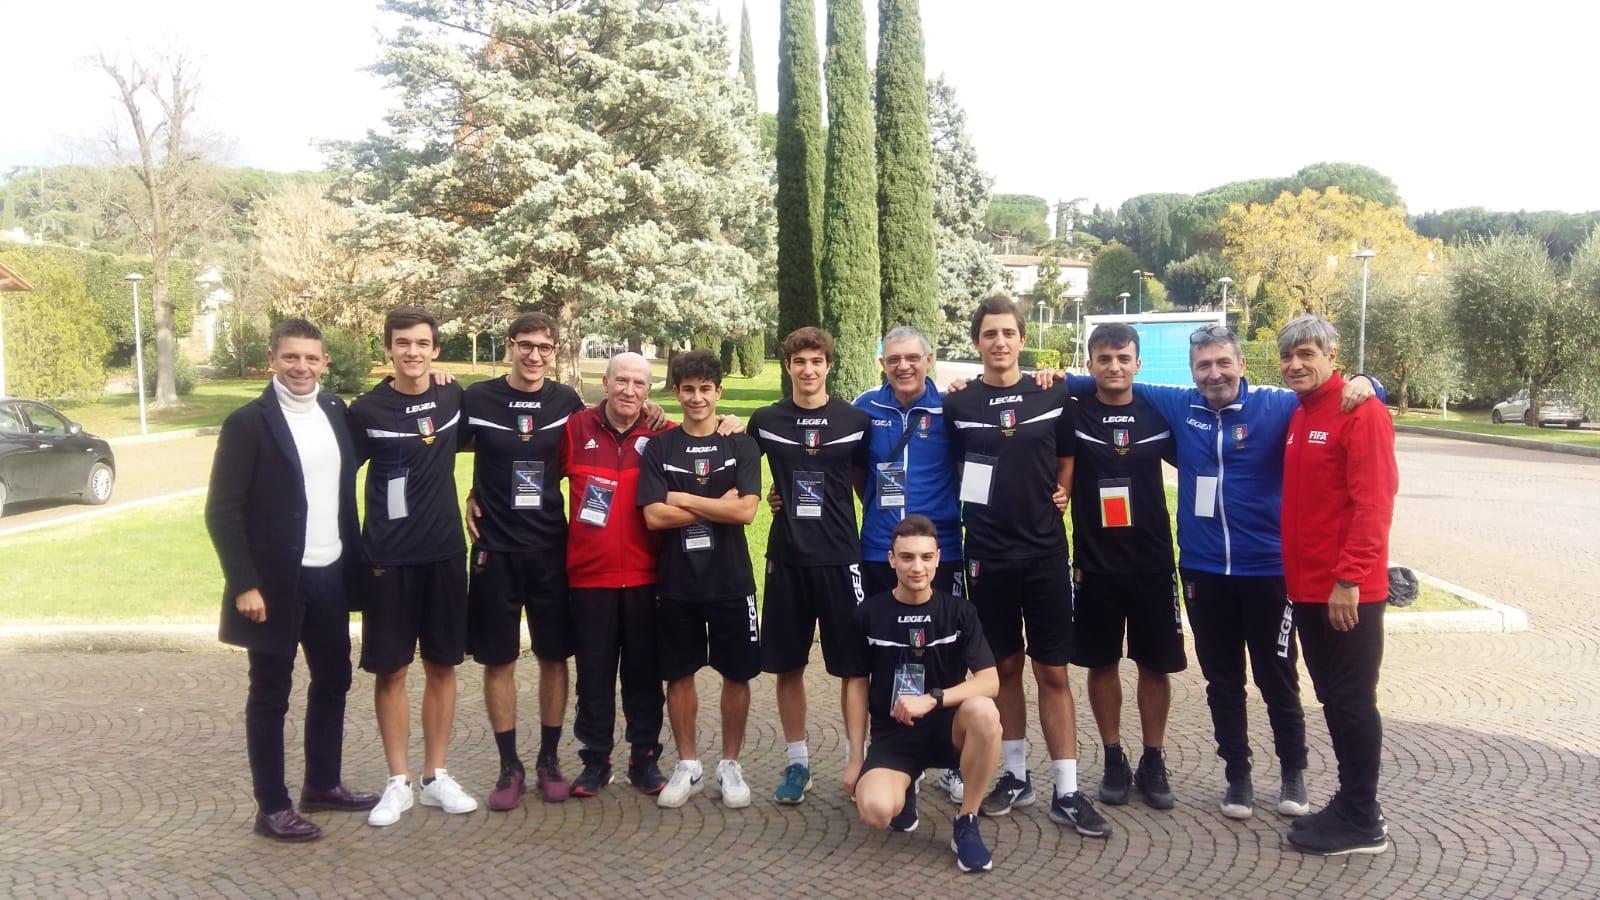 Tamburro e Toscano ai talent calcio a 11 1